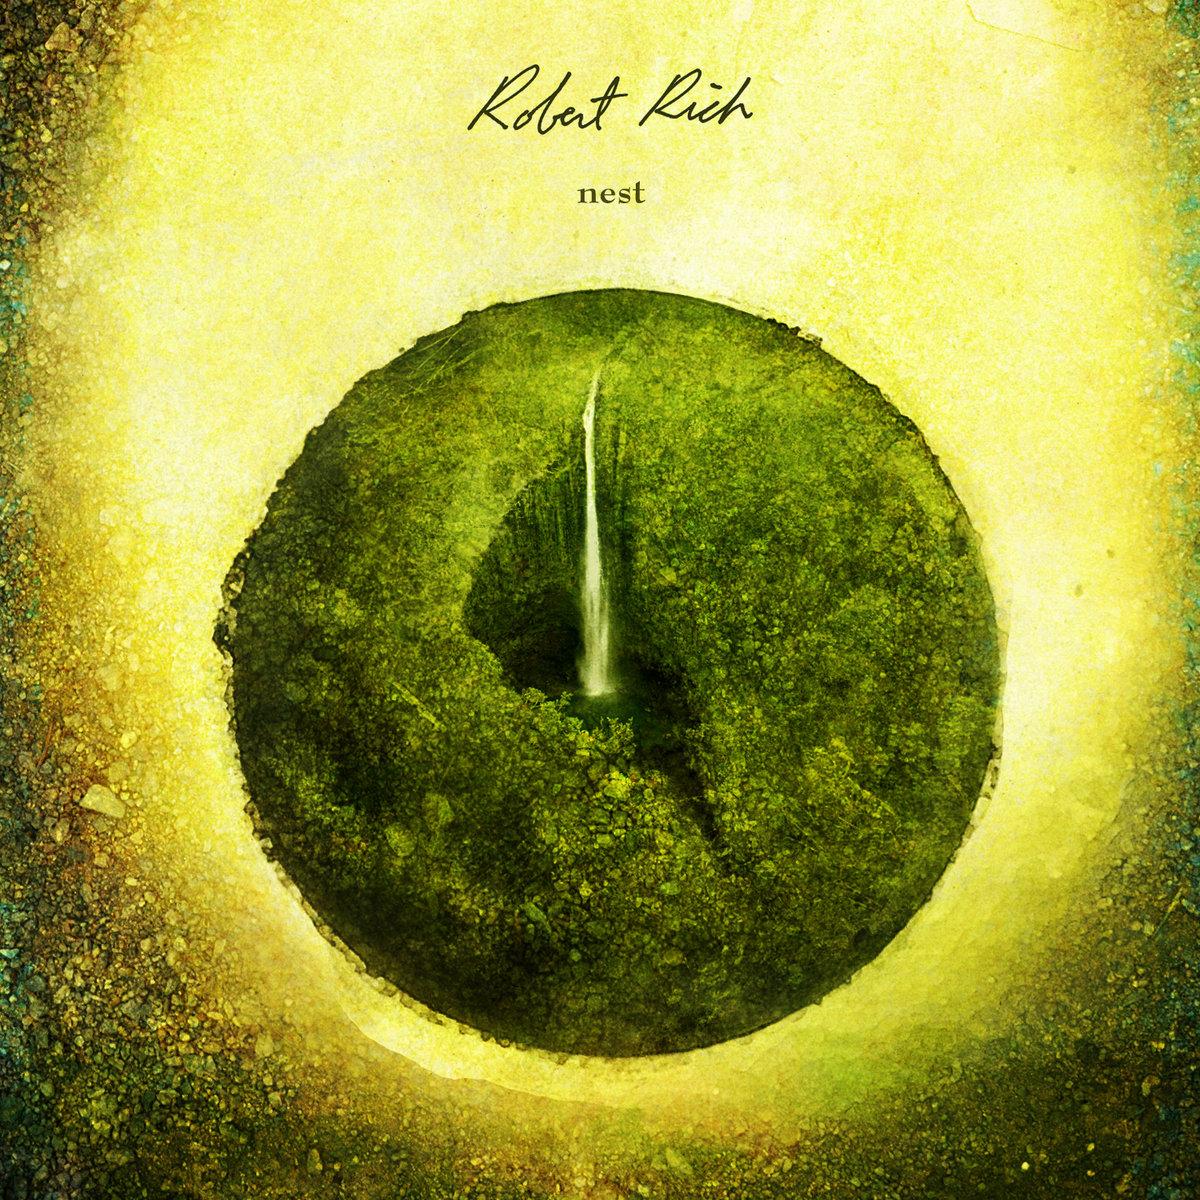 Nest. by Robert Rich